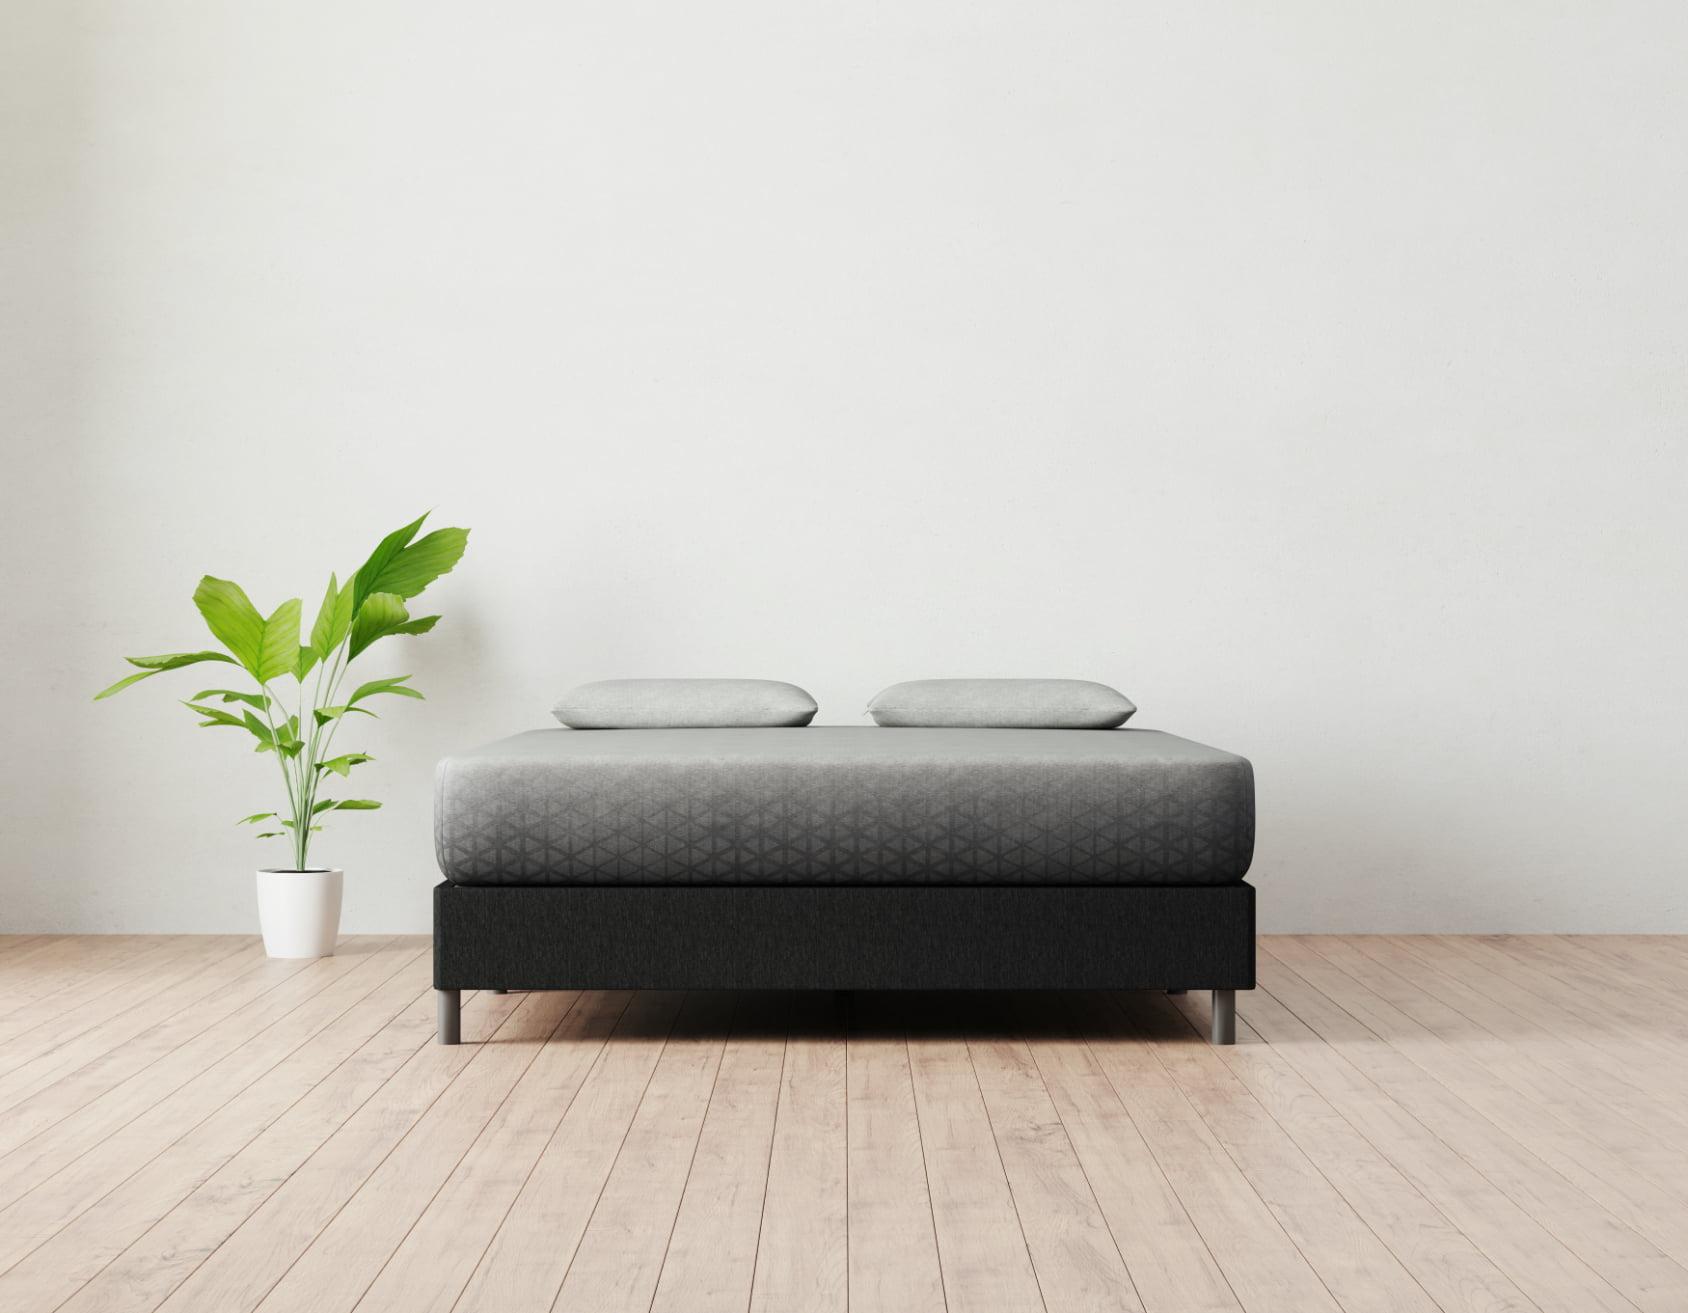 zoma hybrid mattress